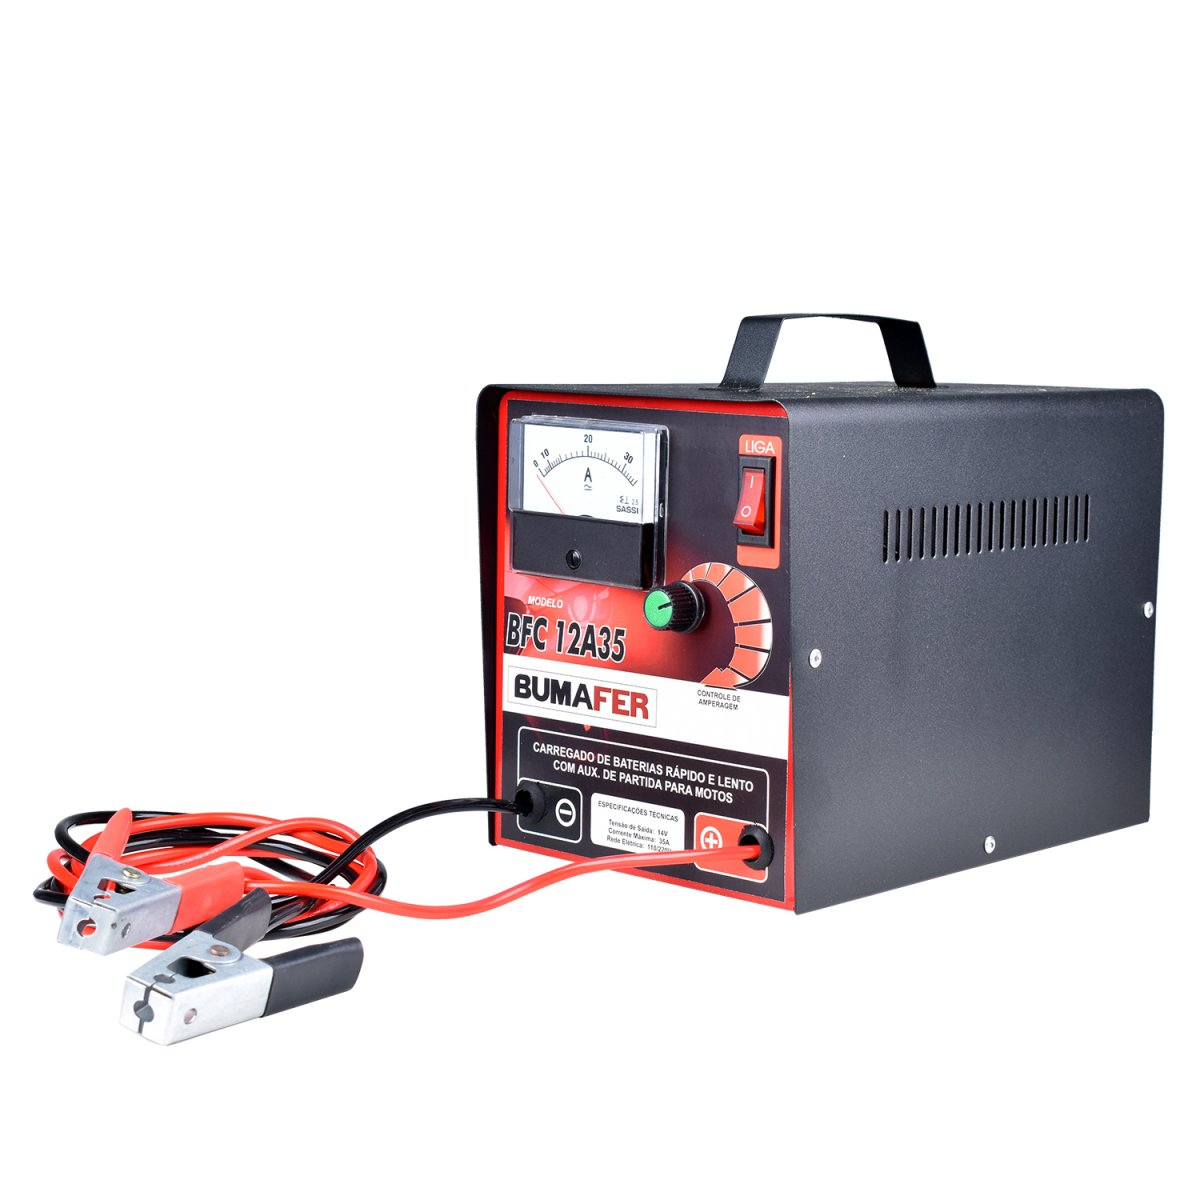 Carregador de Bateria 35 Amperes BFC12A35 Bumafer – Bivolt